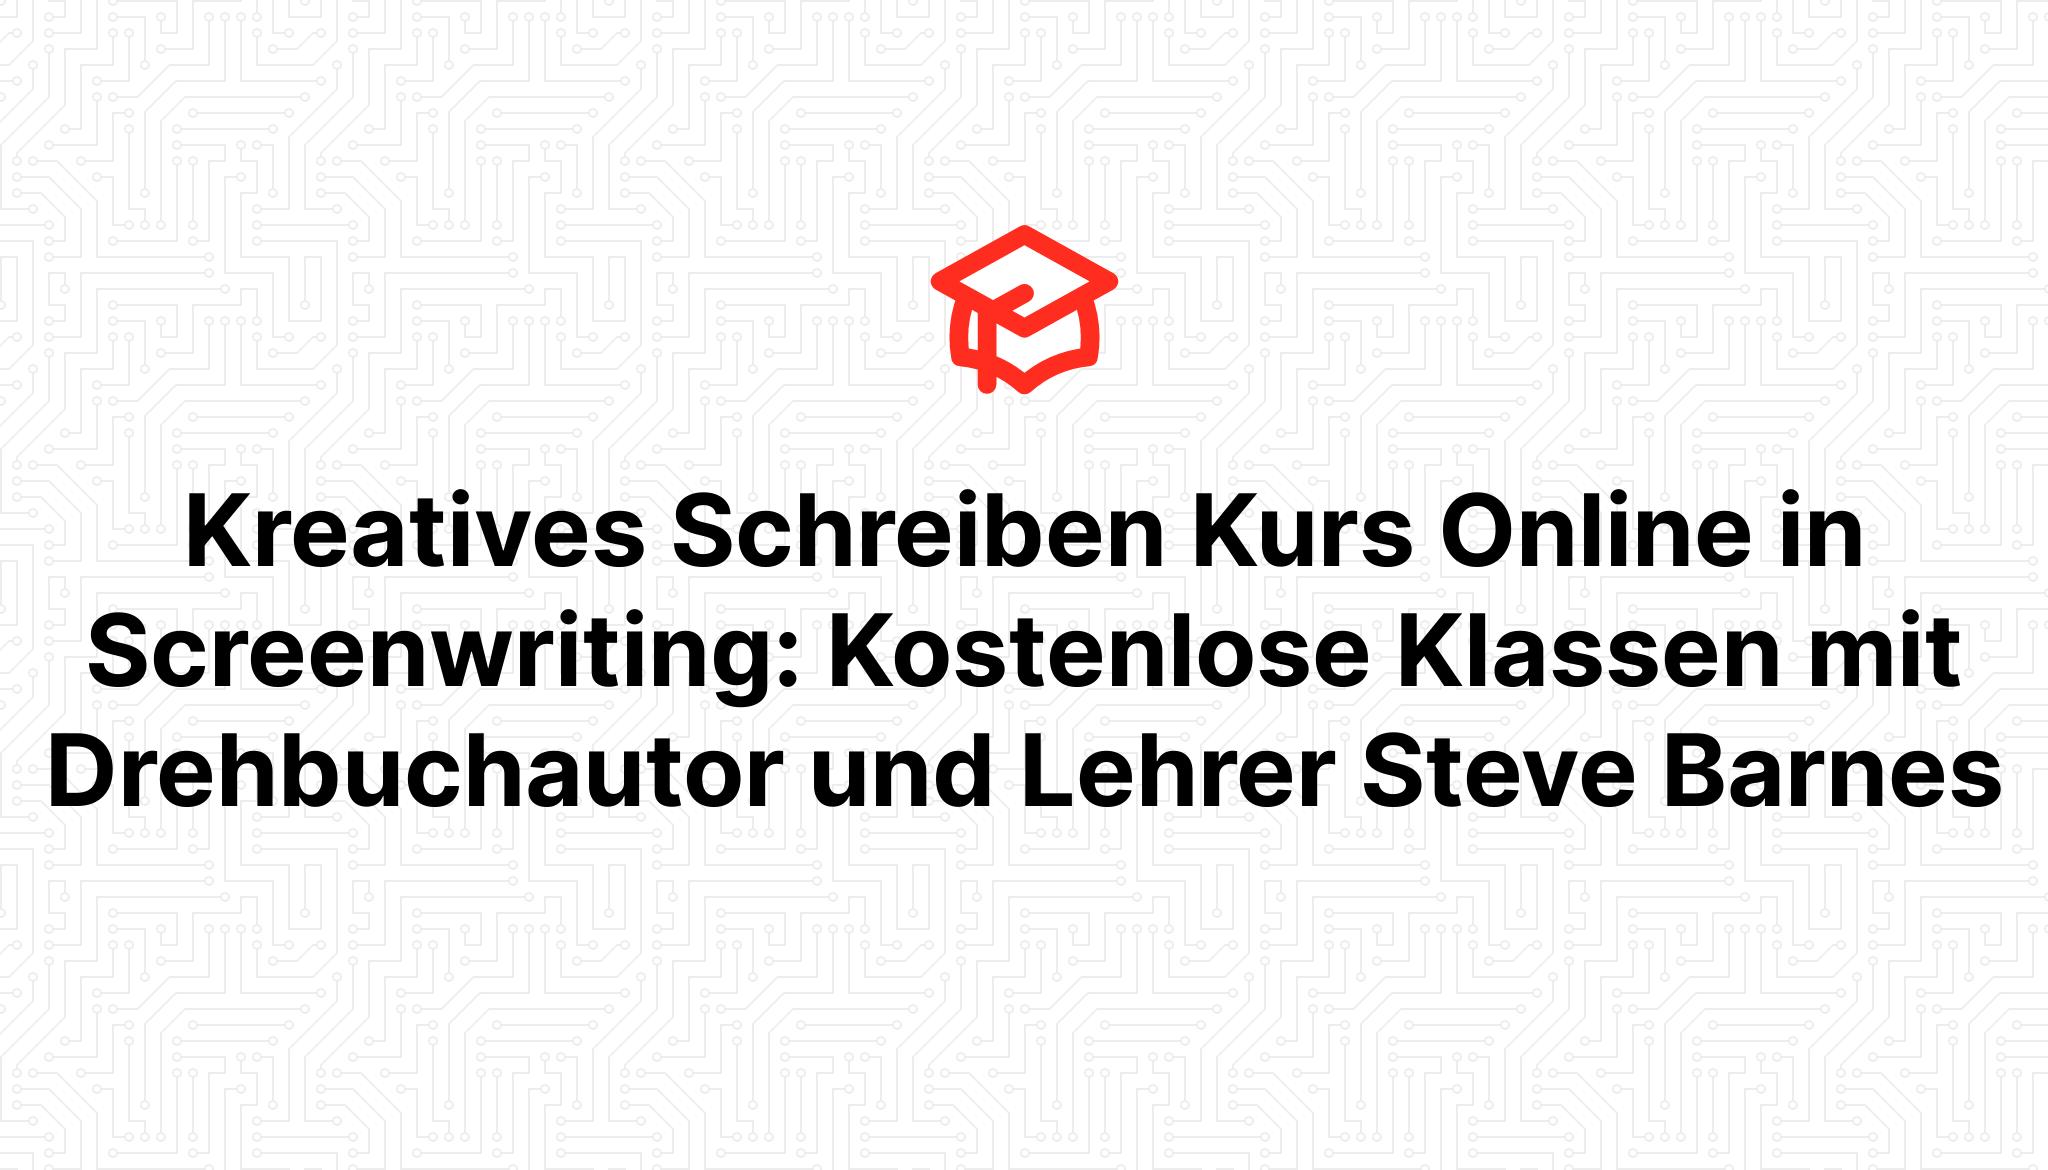 Kreatives Schreiben Kurs Online in Screenwriting: Kostenlose Klassen mit Drehbuchautor und Lehrer Steve Barnes